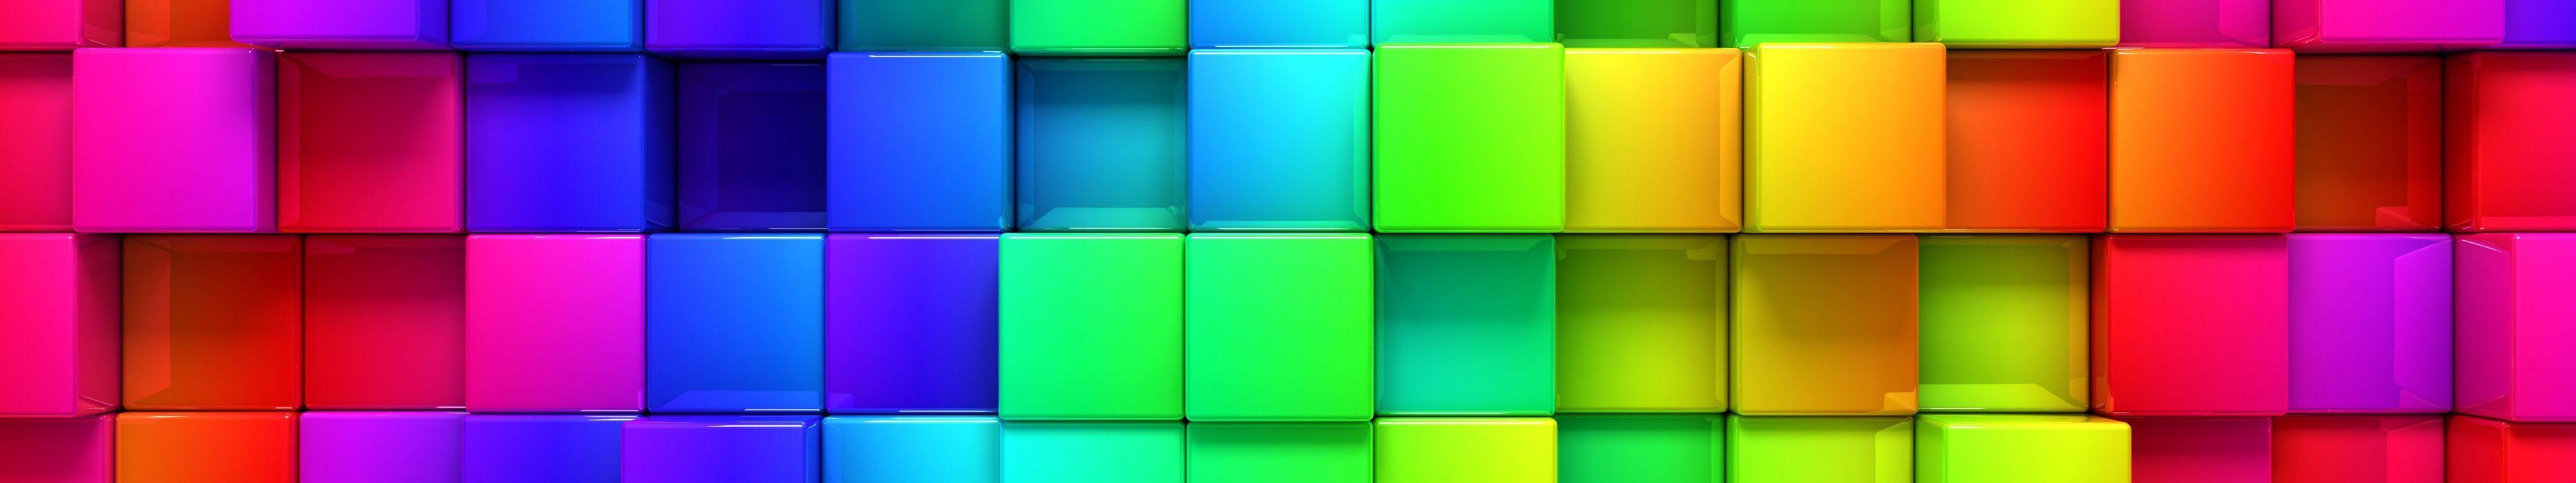 triple monitor multi multiple screen brique cube sqare carre abstract wallpaper